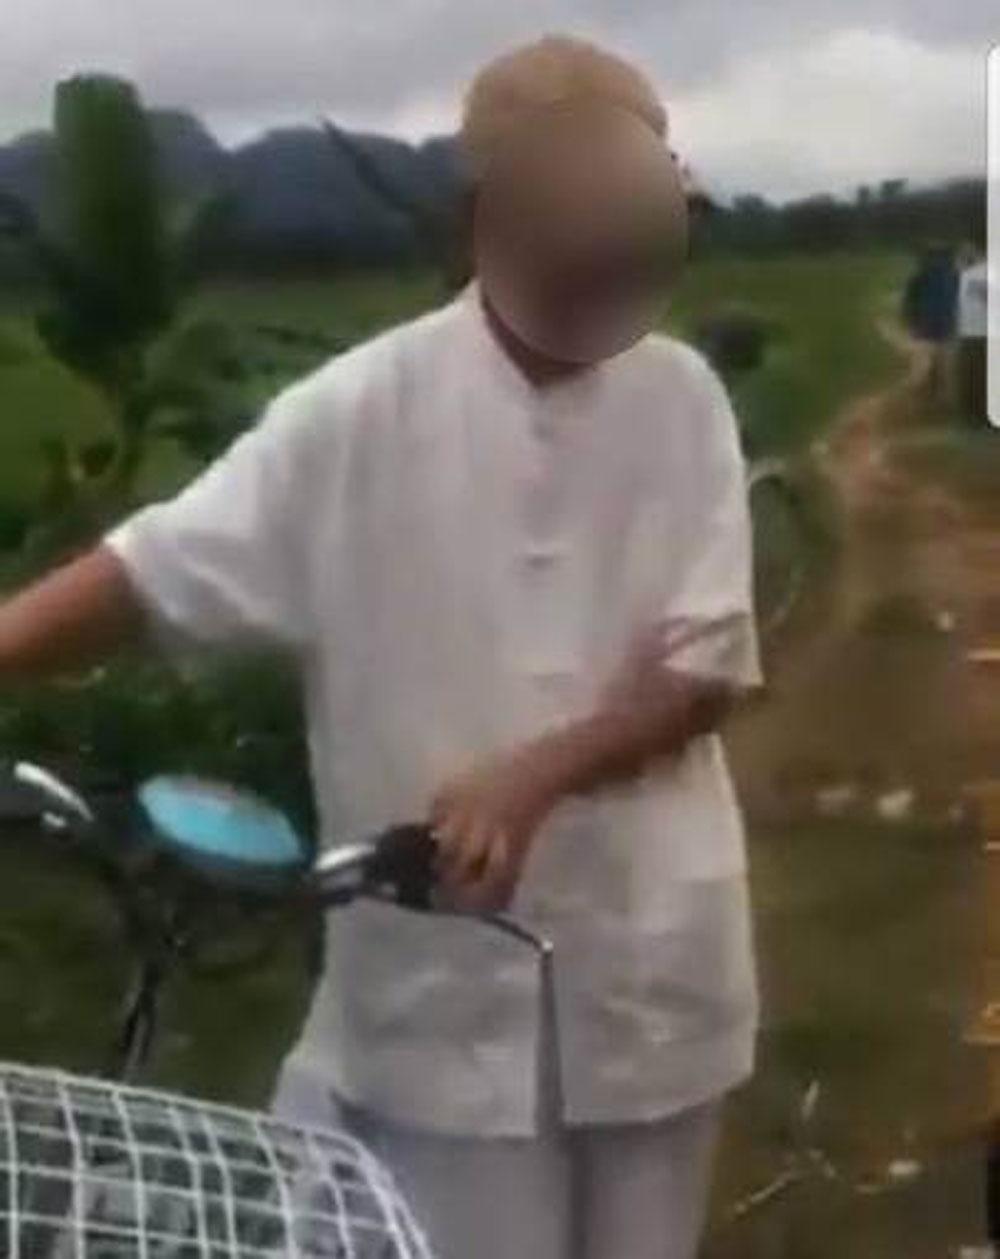 Cựu chủ tịch xã 80 tuổi ở Thanh Hóa, dâm ô bé gái 8 tuổi, bị khởi tố, Nguyễn Văn Phác